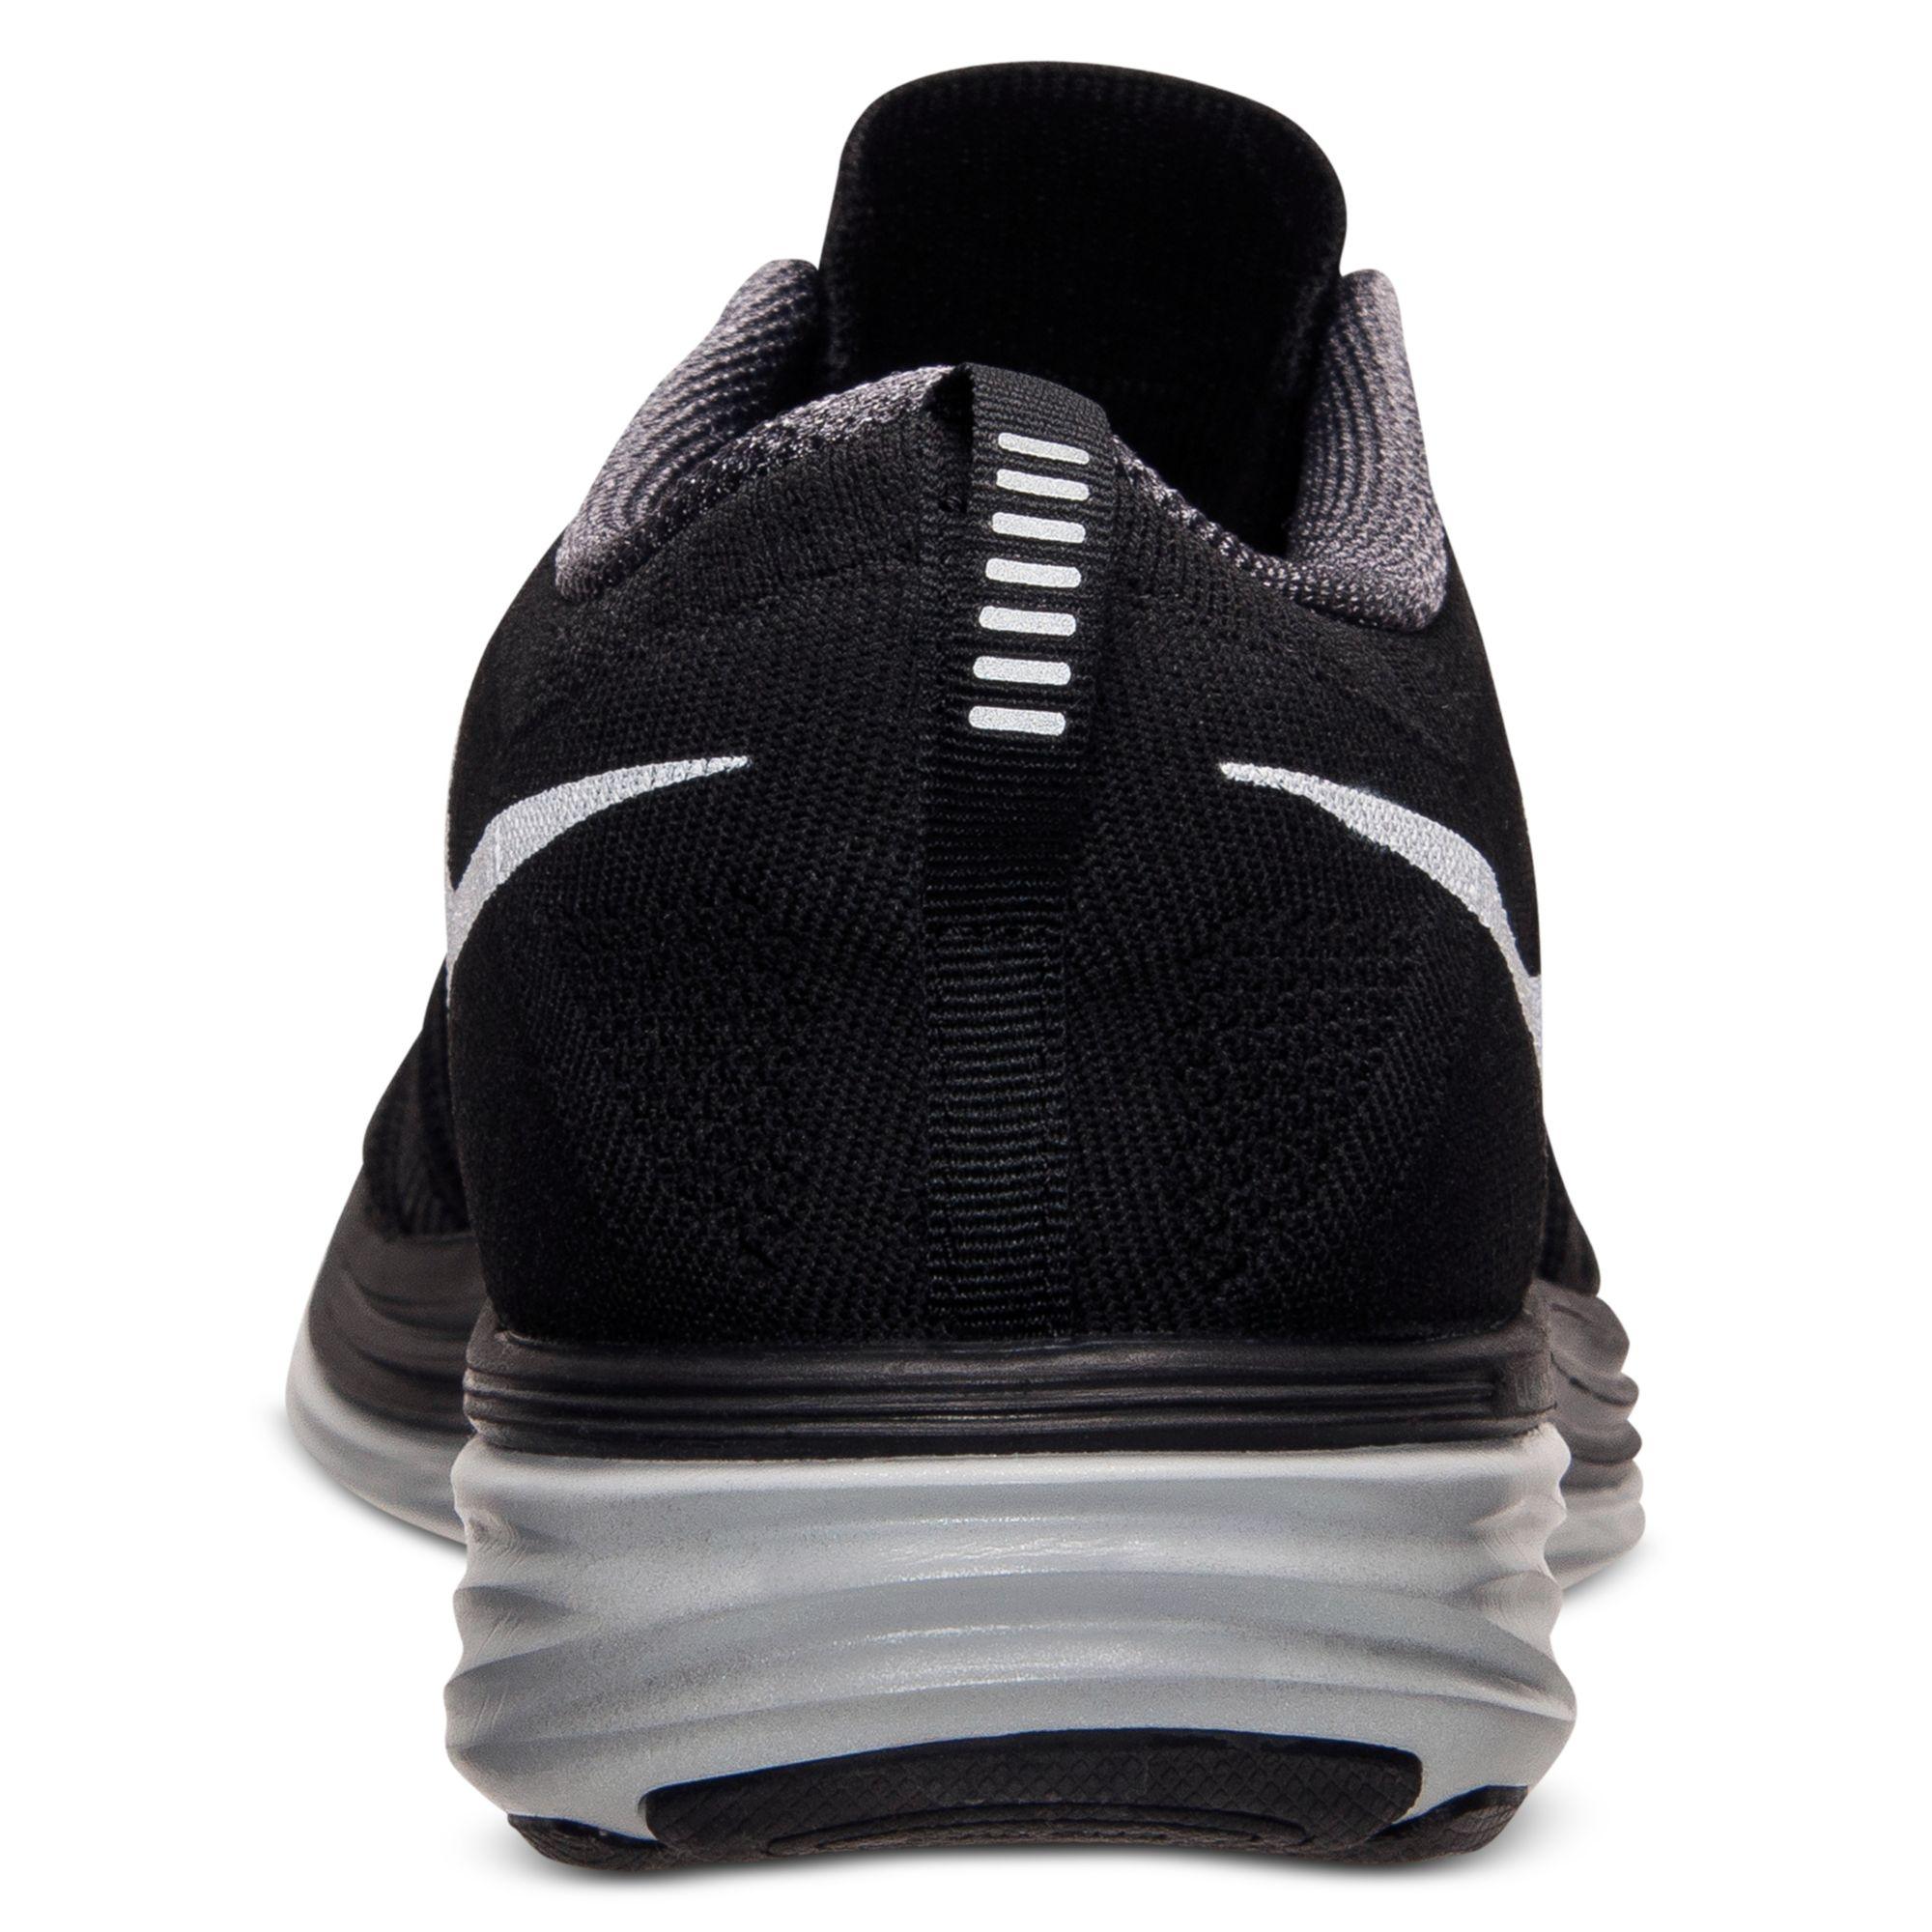 Nike Zig Zag Sole Shoes